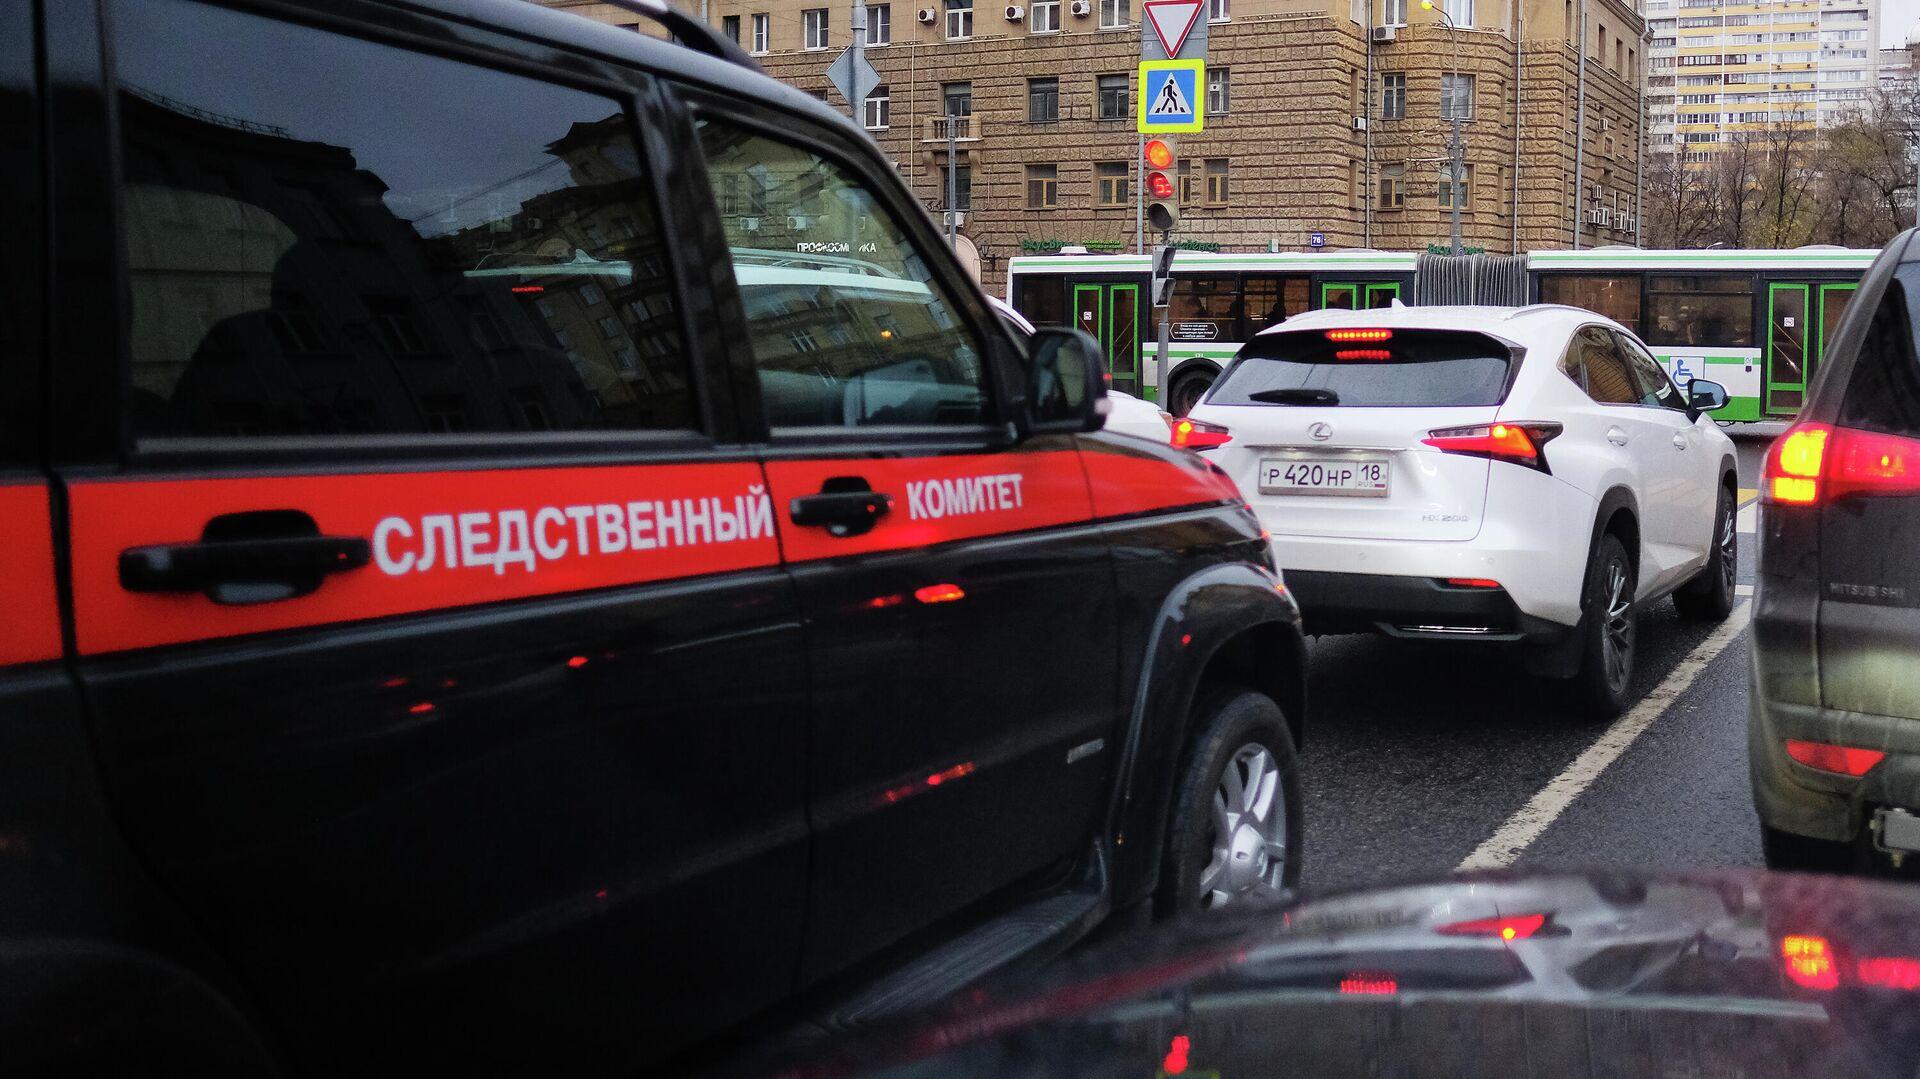 Автомобиль Следственного комитета на дороге - РИА Новости, 1920, 13.10.2021